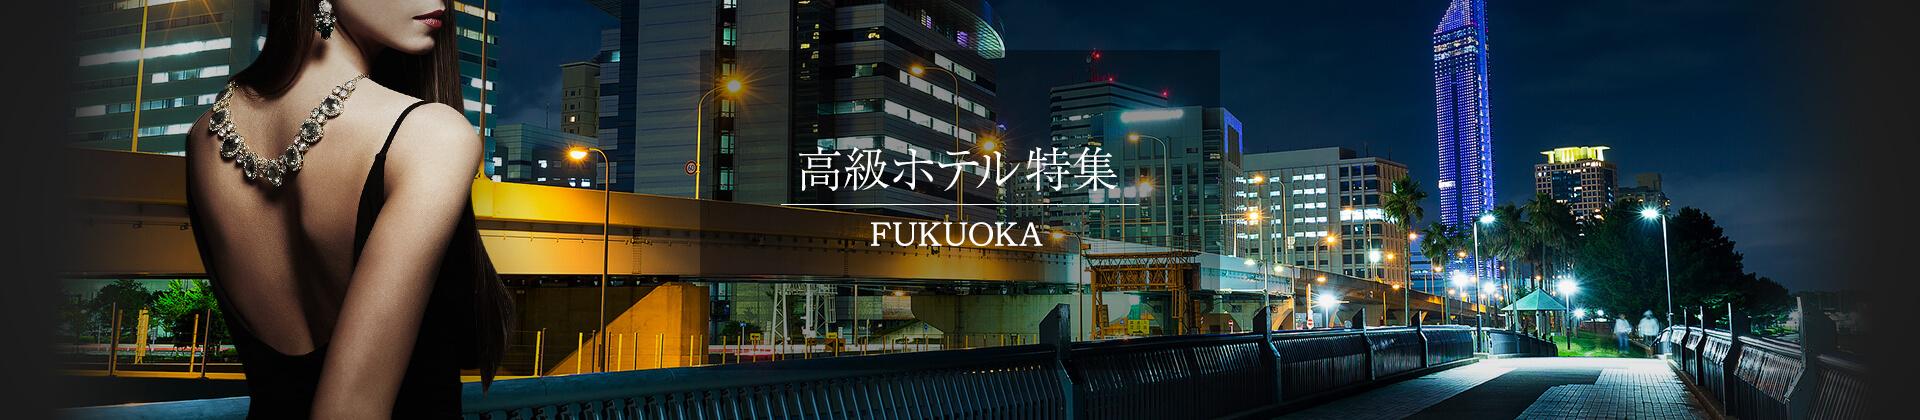 高級ホテル特集 (福岡)